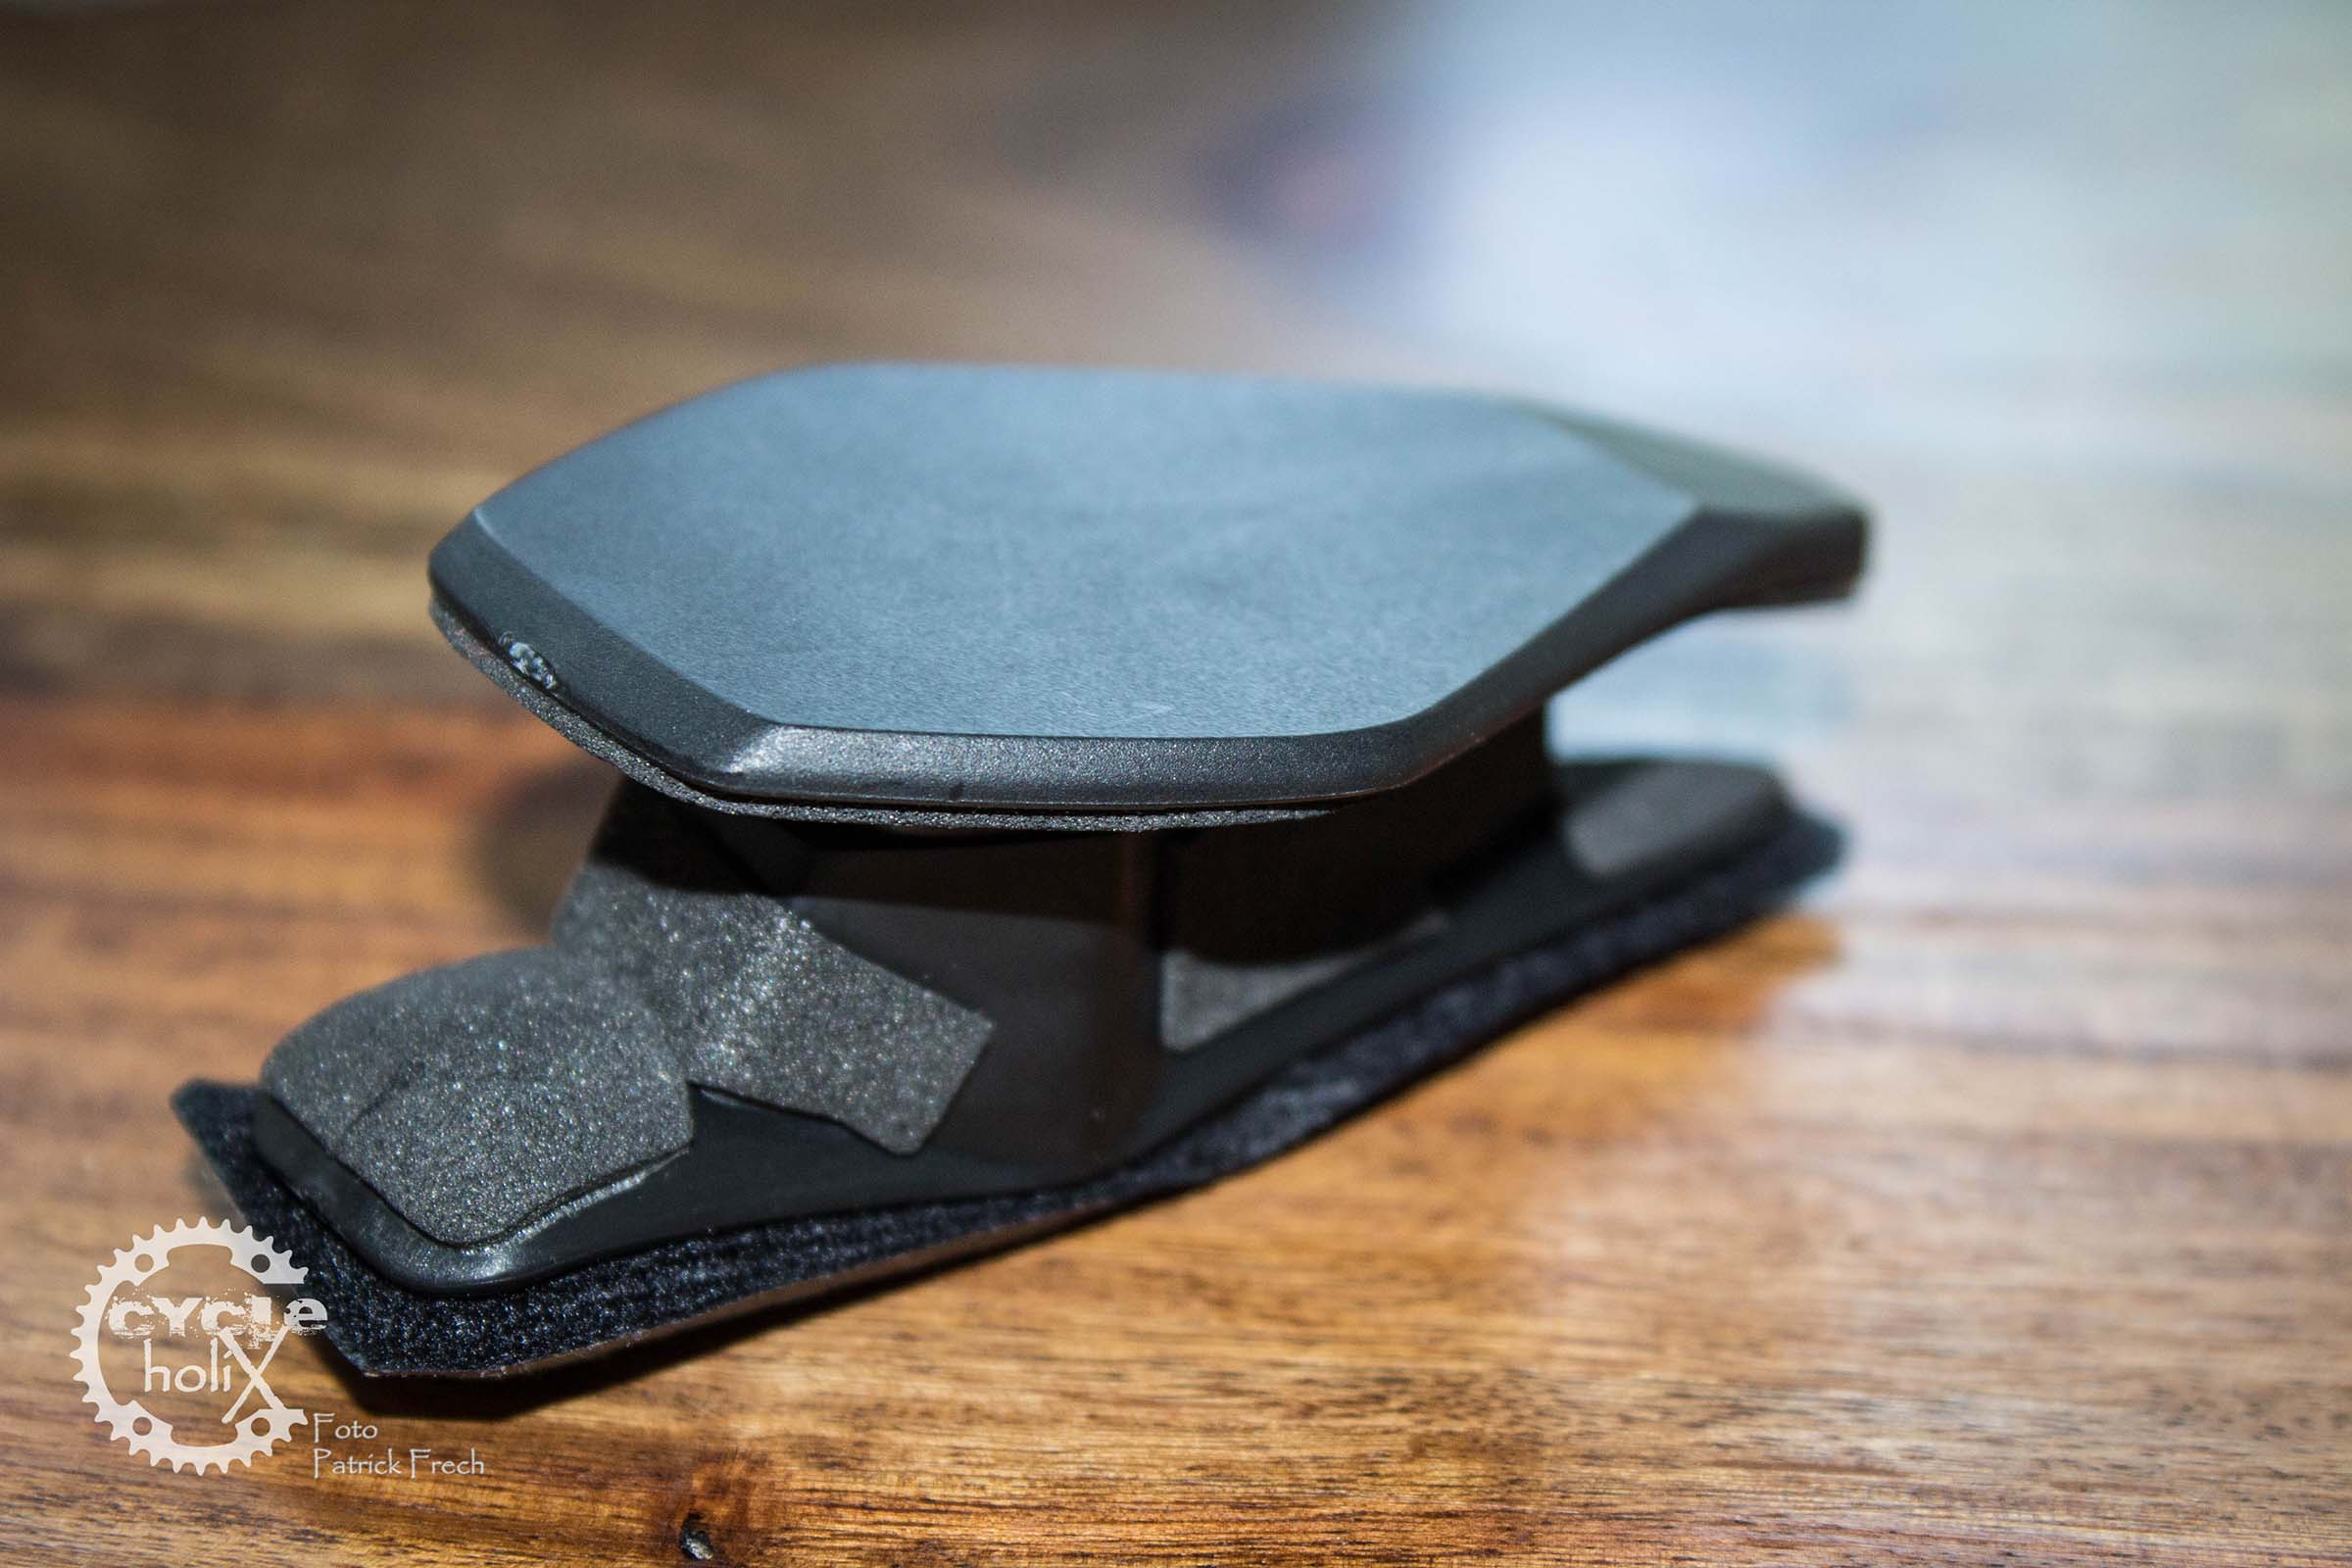 Die Helmhalterung soll für fast alle Modelle eine Plattform zum befestigen bieten